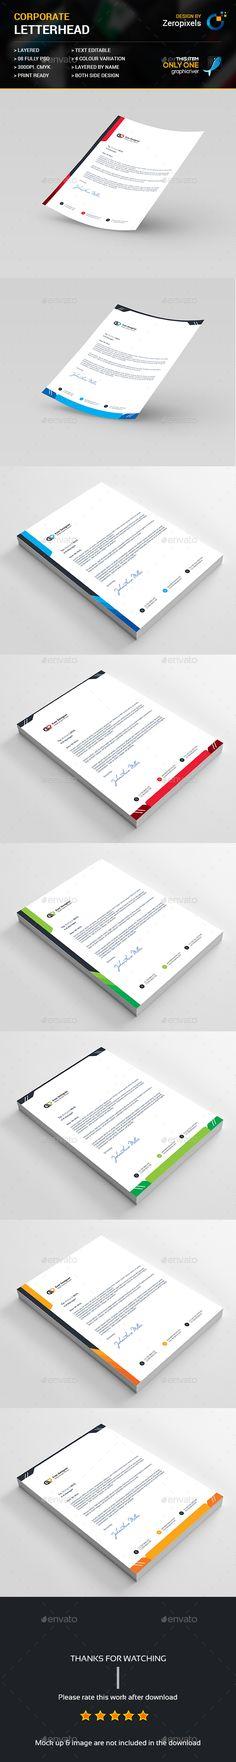 Corporate Letterhead Template PSD Bundle                                                                                                                                                                                 More